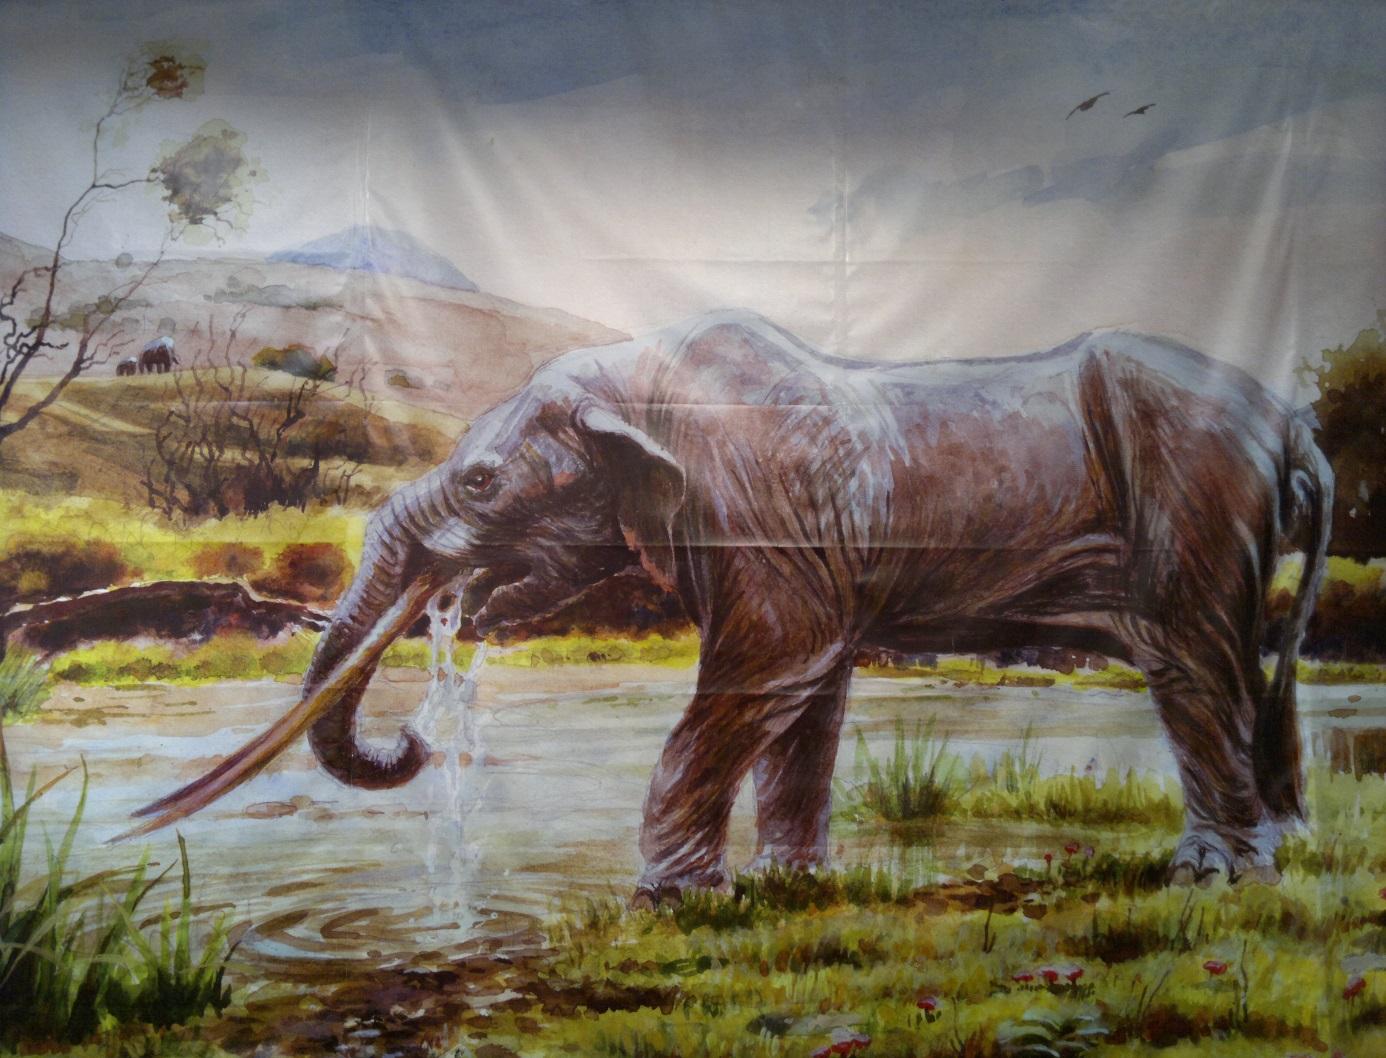 5. A múzeumban látható a Baróthoz közeli Alsórákos külszíni lignitbányájában feltárt Masztodon (Anancus arvernensis) rekonstruált rajza